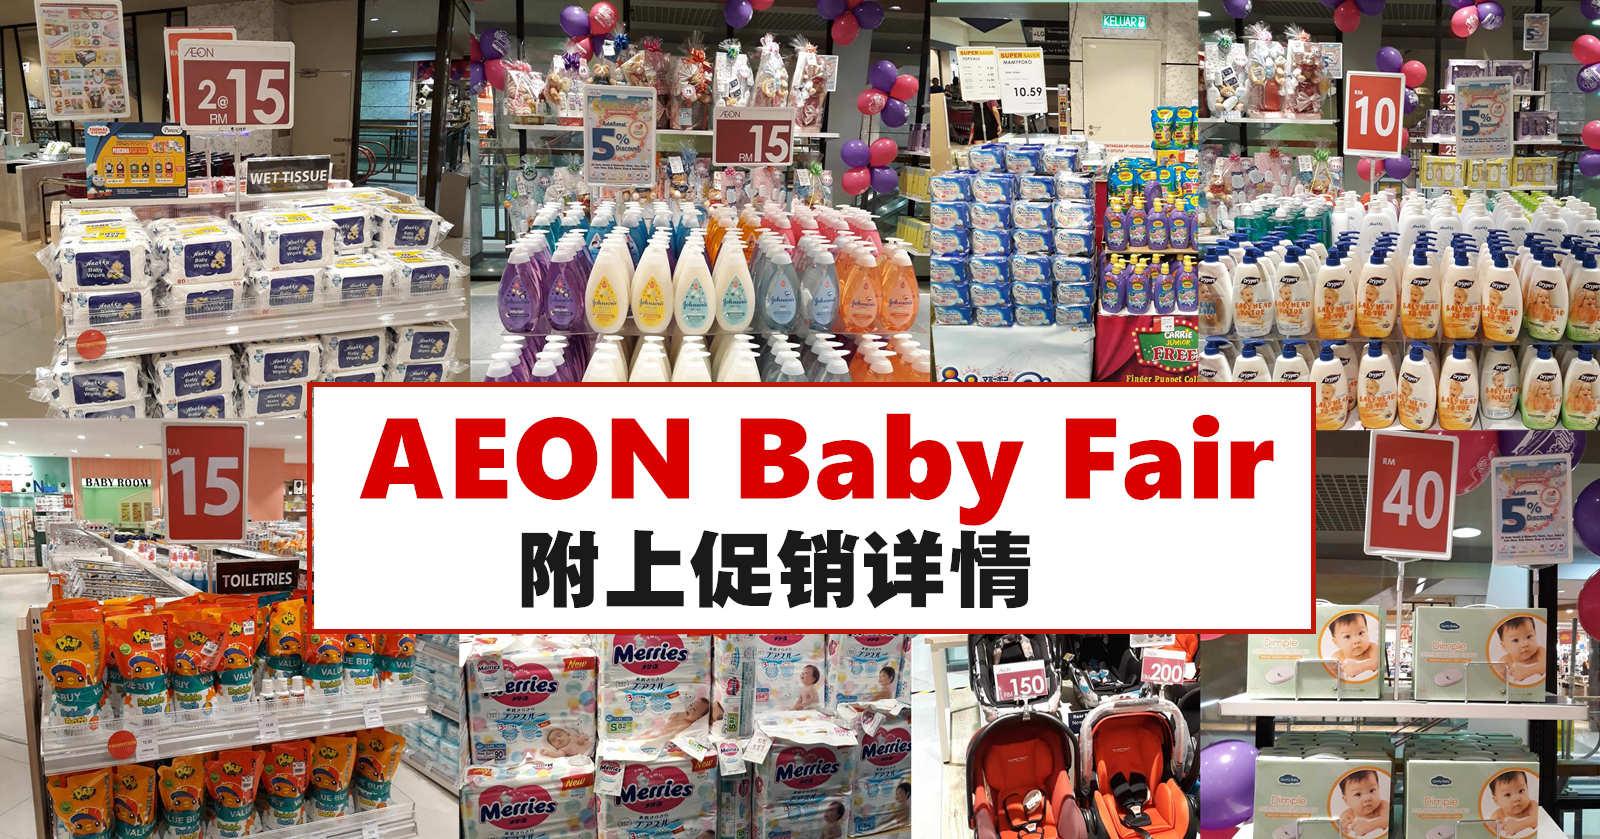 AEON Baby Fair